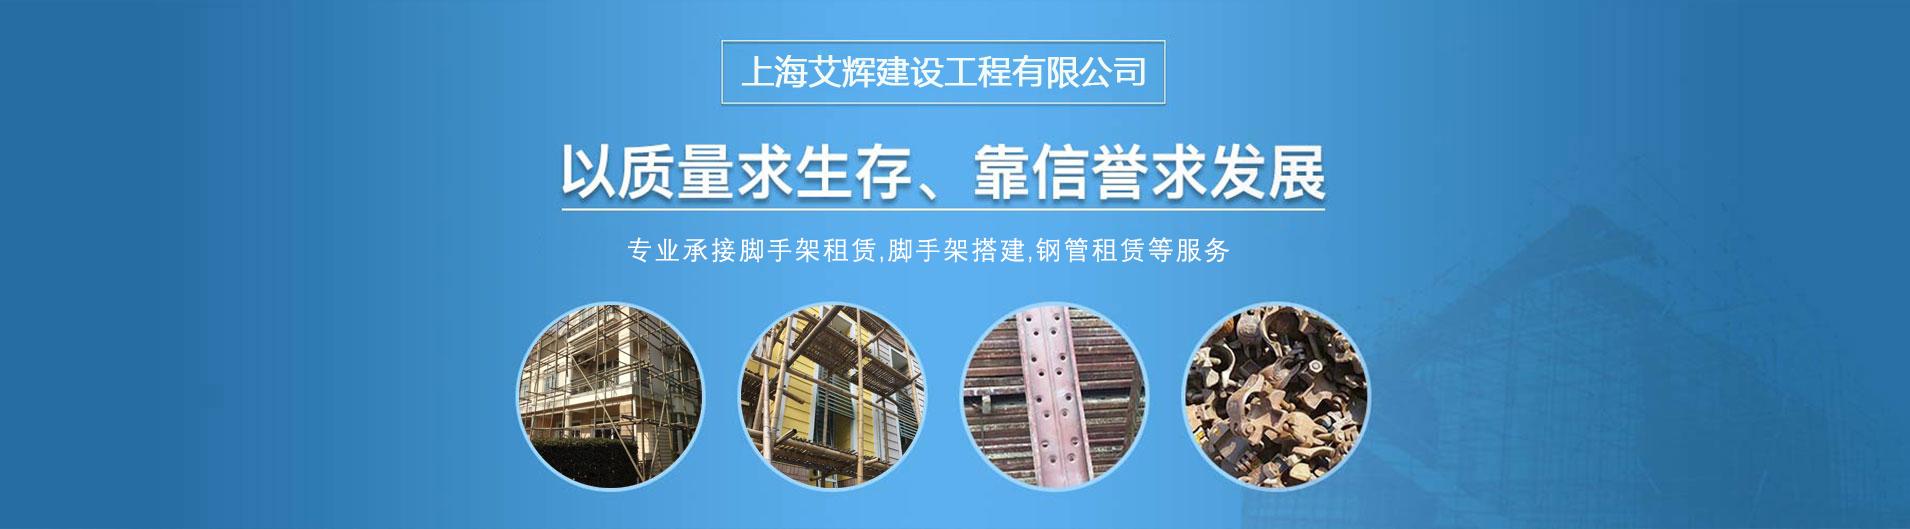 上海毛竹脚手架哪家好